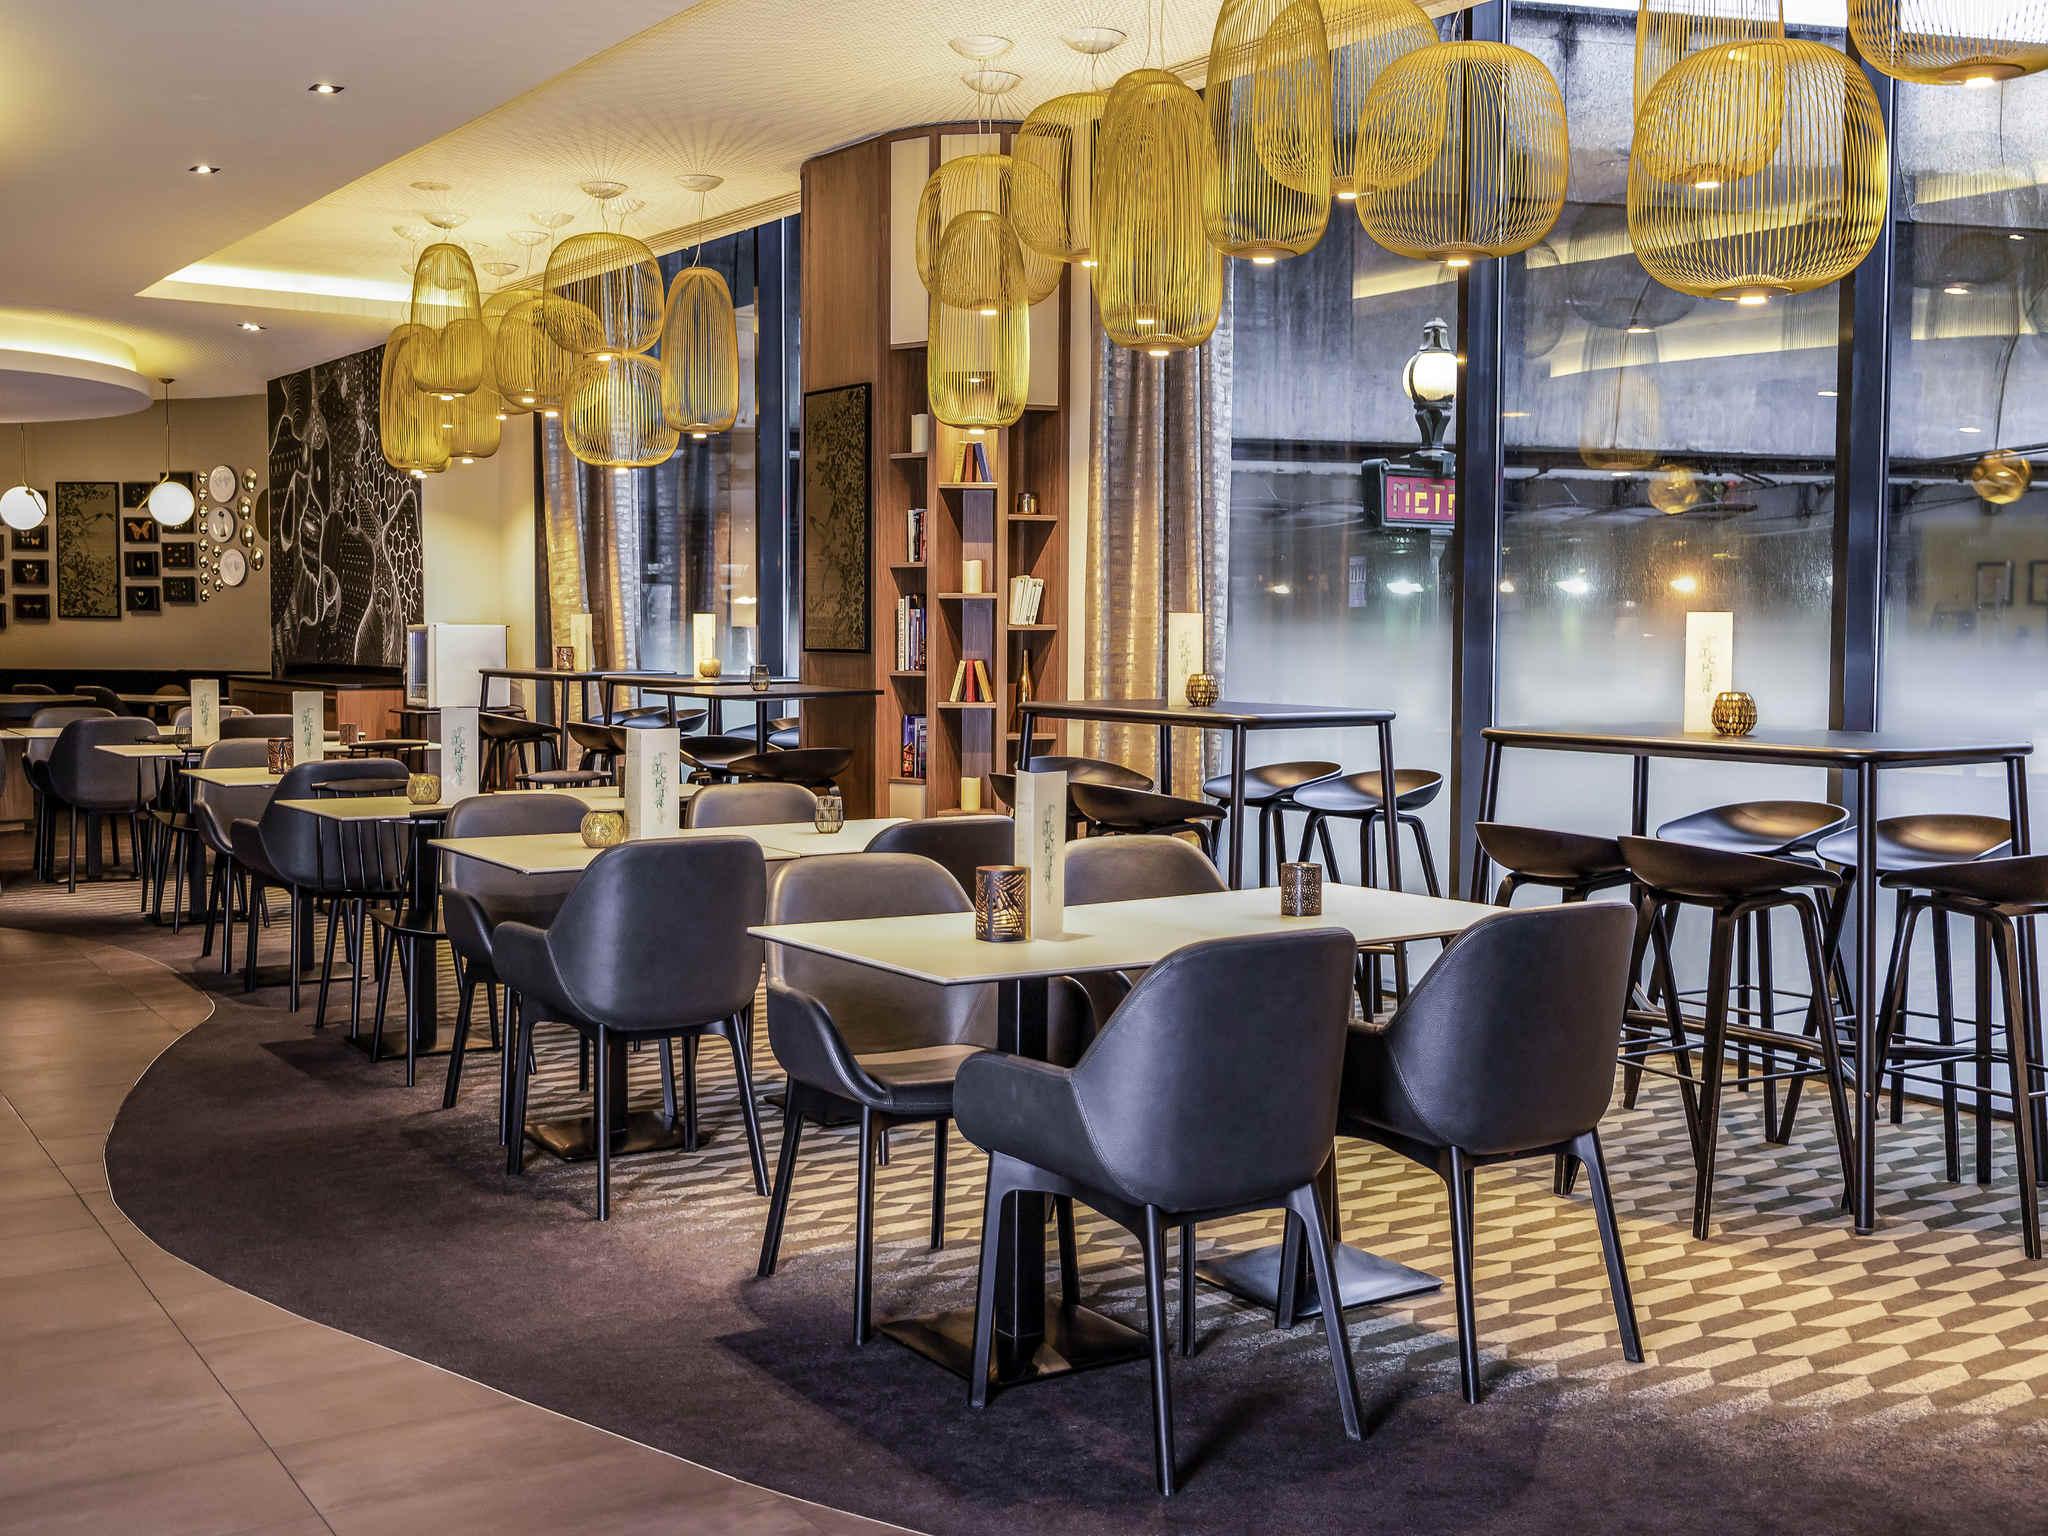 Hotel in paris novotel suites paris expo porte de versailles - Hotel paris pas cher porte de versailles ...